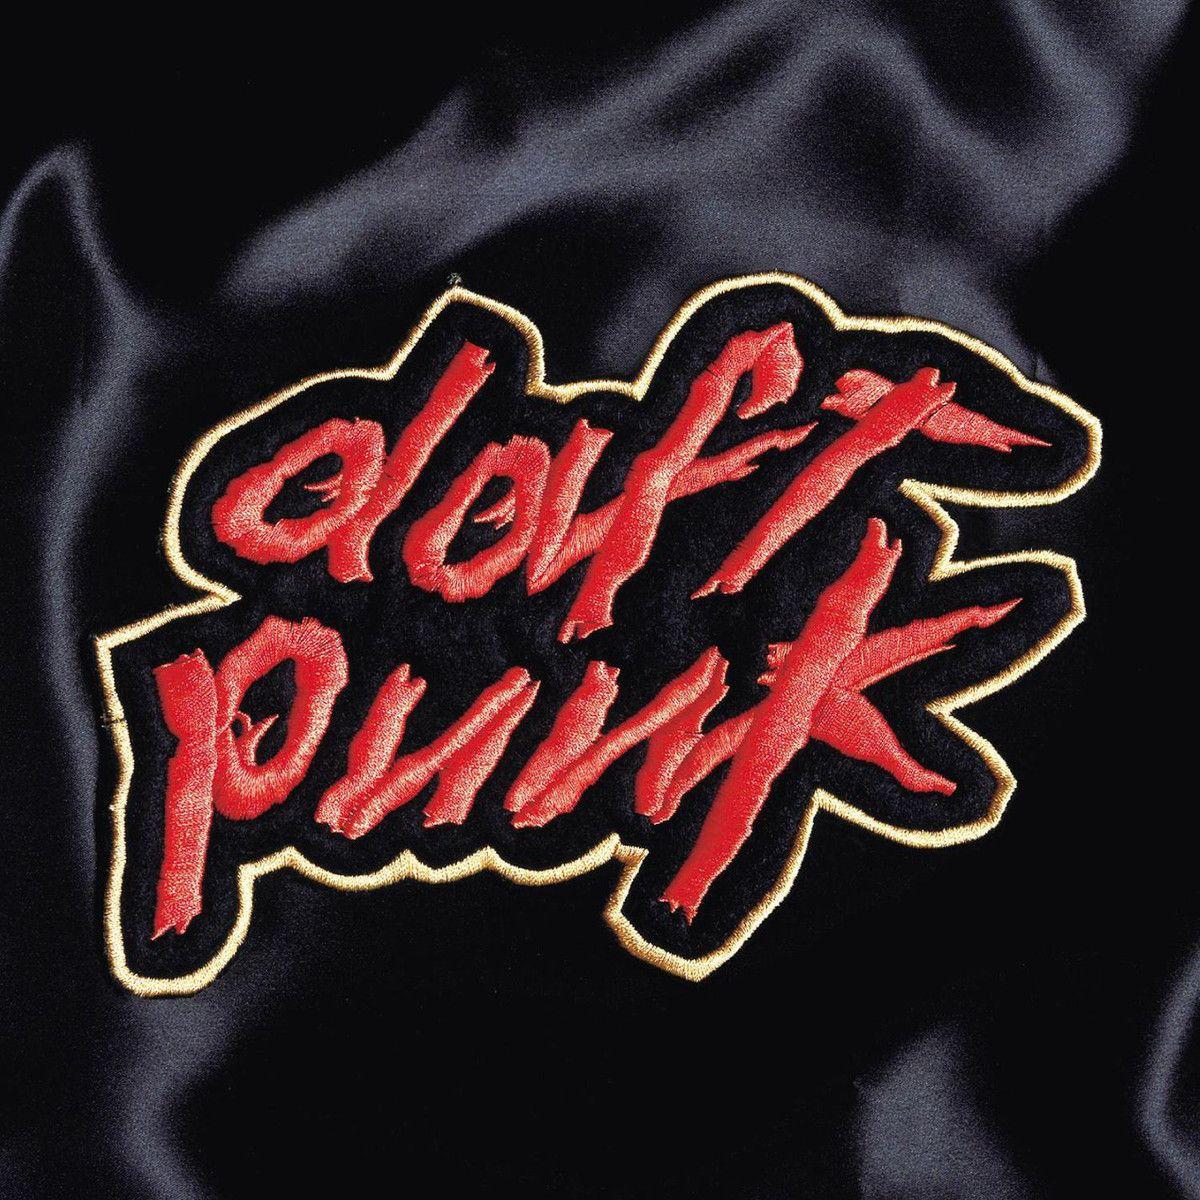 Daft Punk - Homework album cover